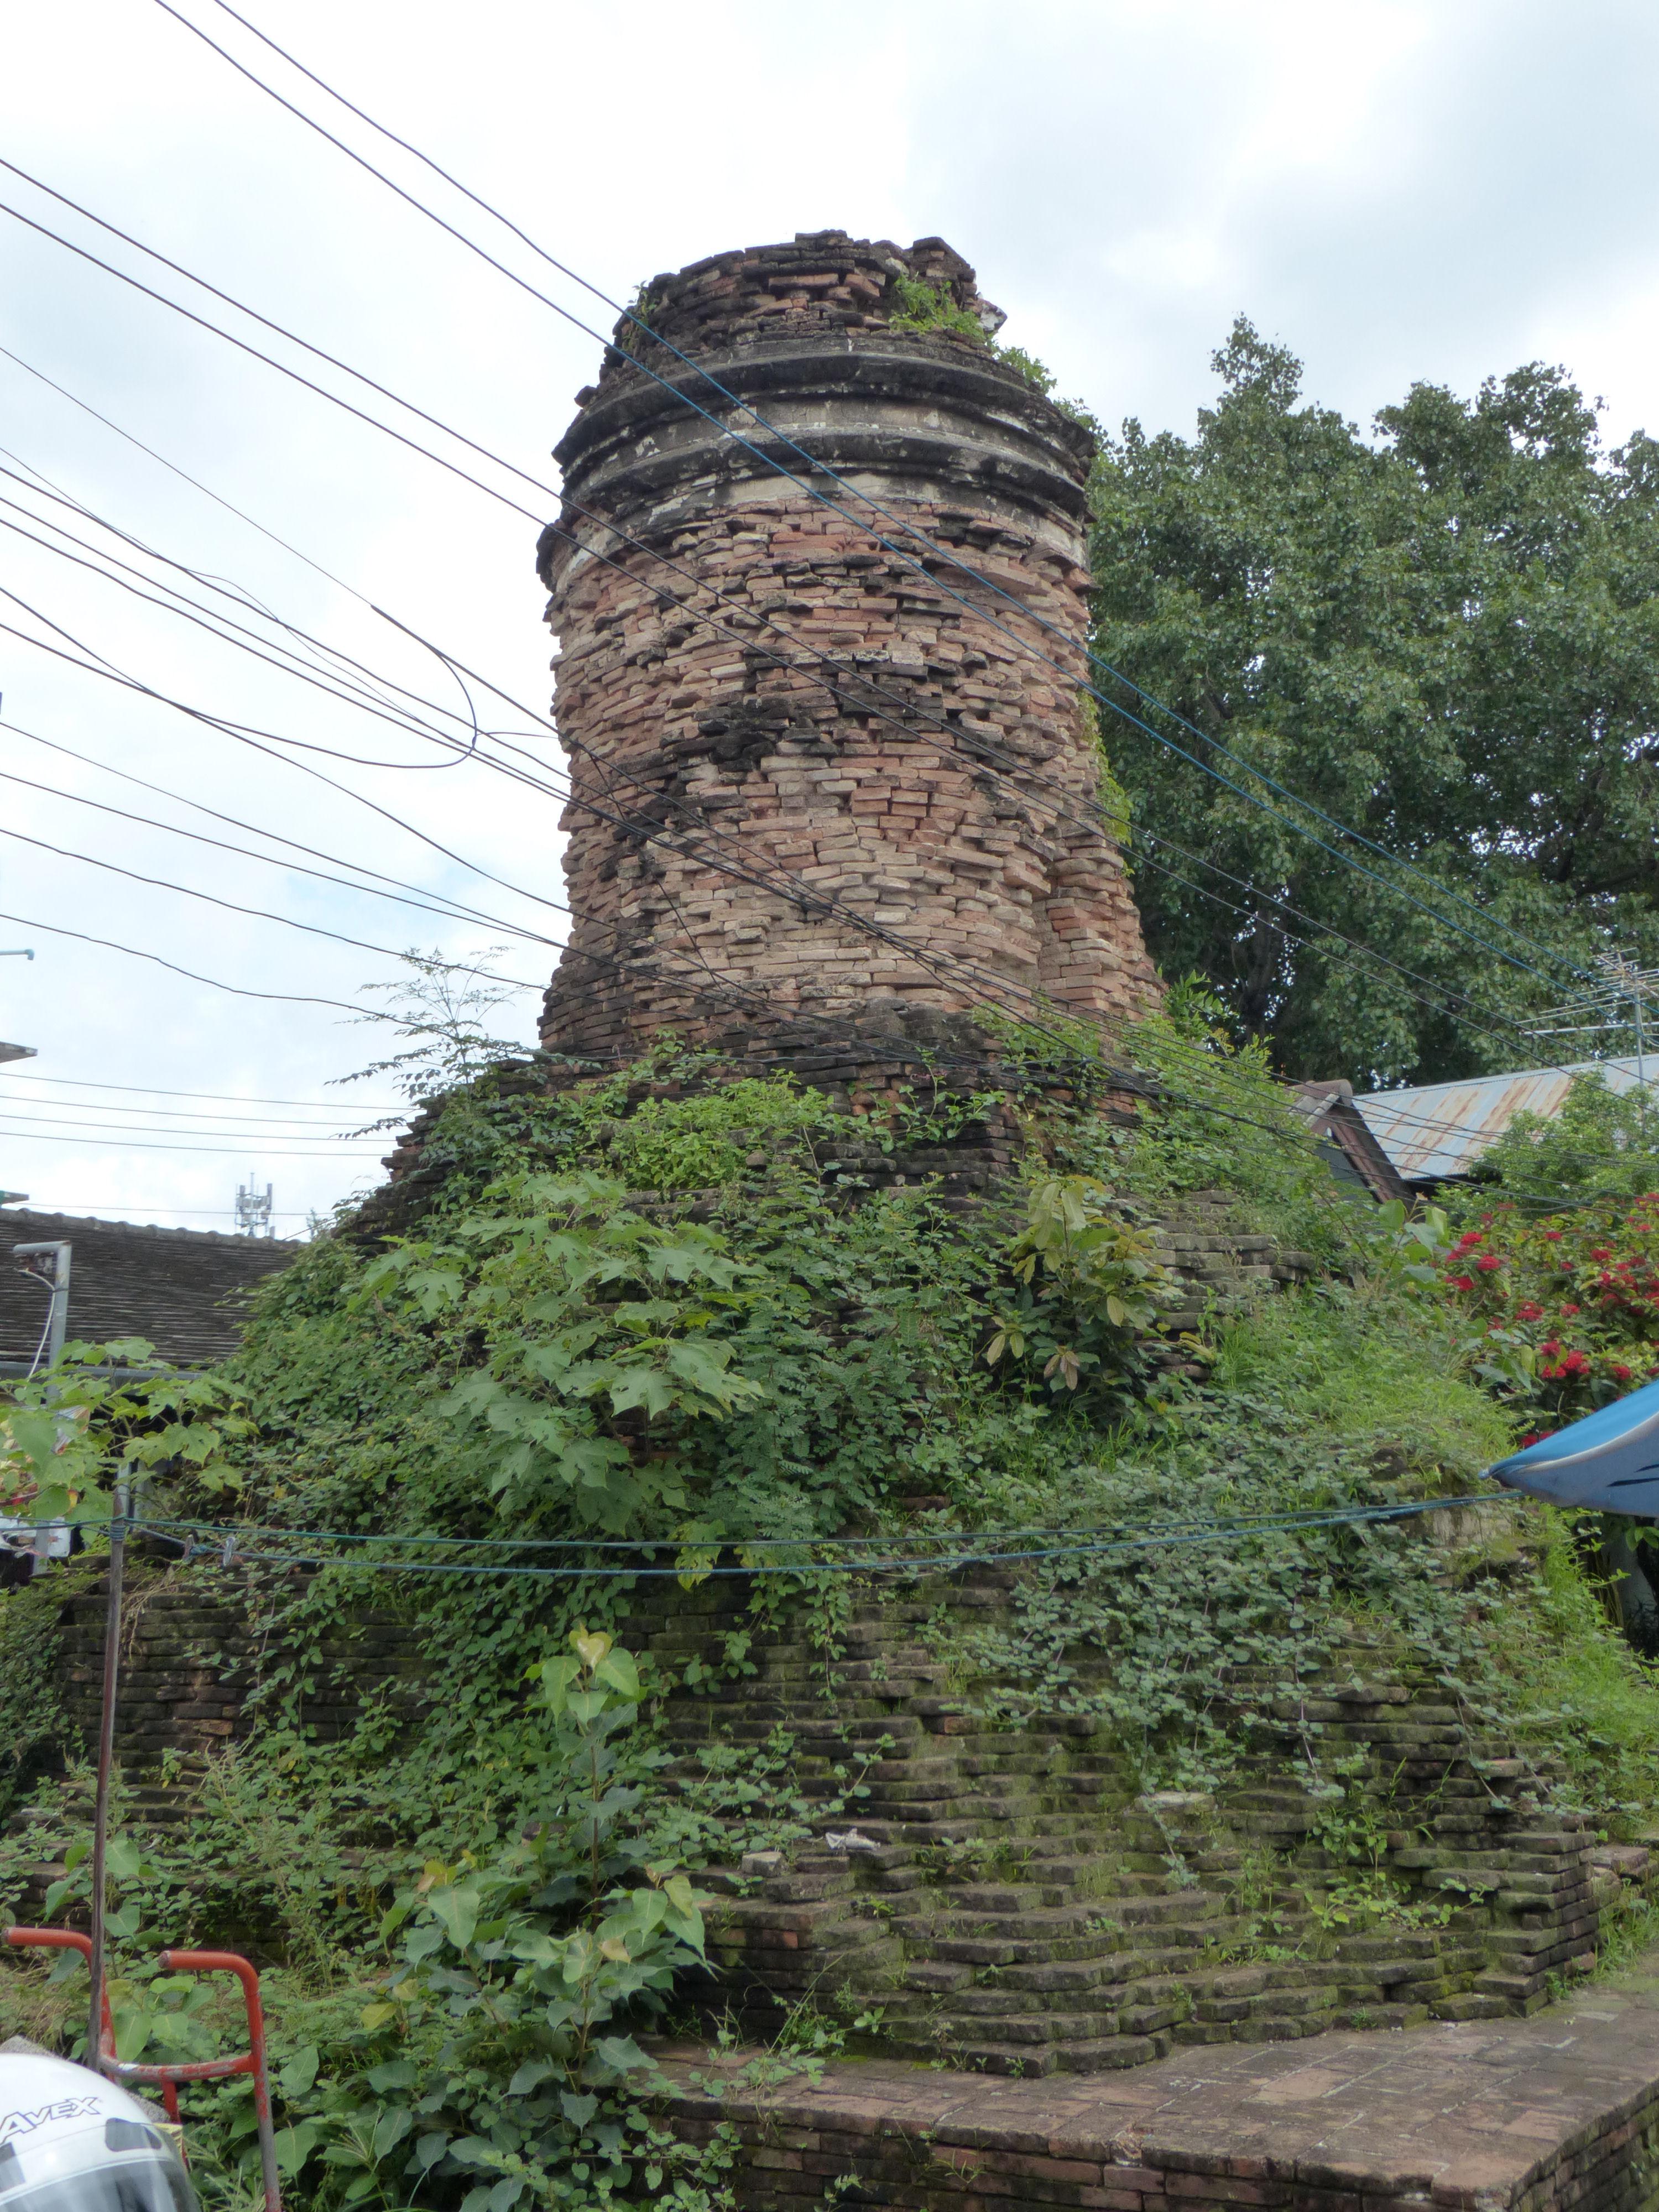 © Dipartimento di Scienze della Vita, Università di Trieste<br>by Andrea Moro<br>Chiang Mai, antica stupa, Mueang Chiang Mai, Thailand, 05/07/2017<br>Distributed under CC-BY-SA 4.0 license.